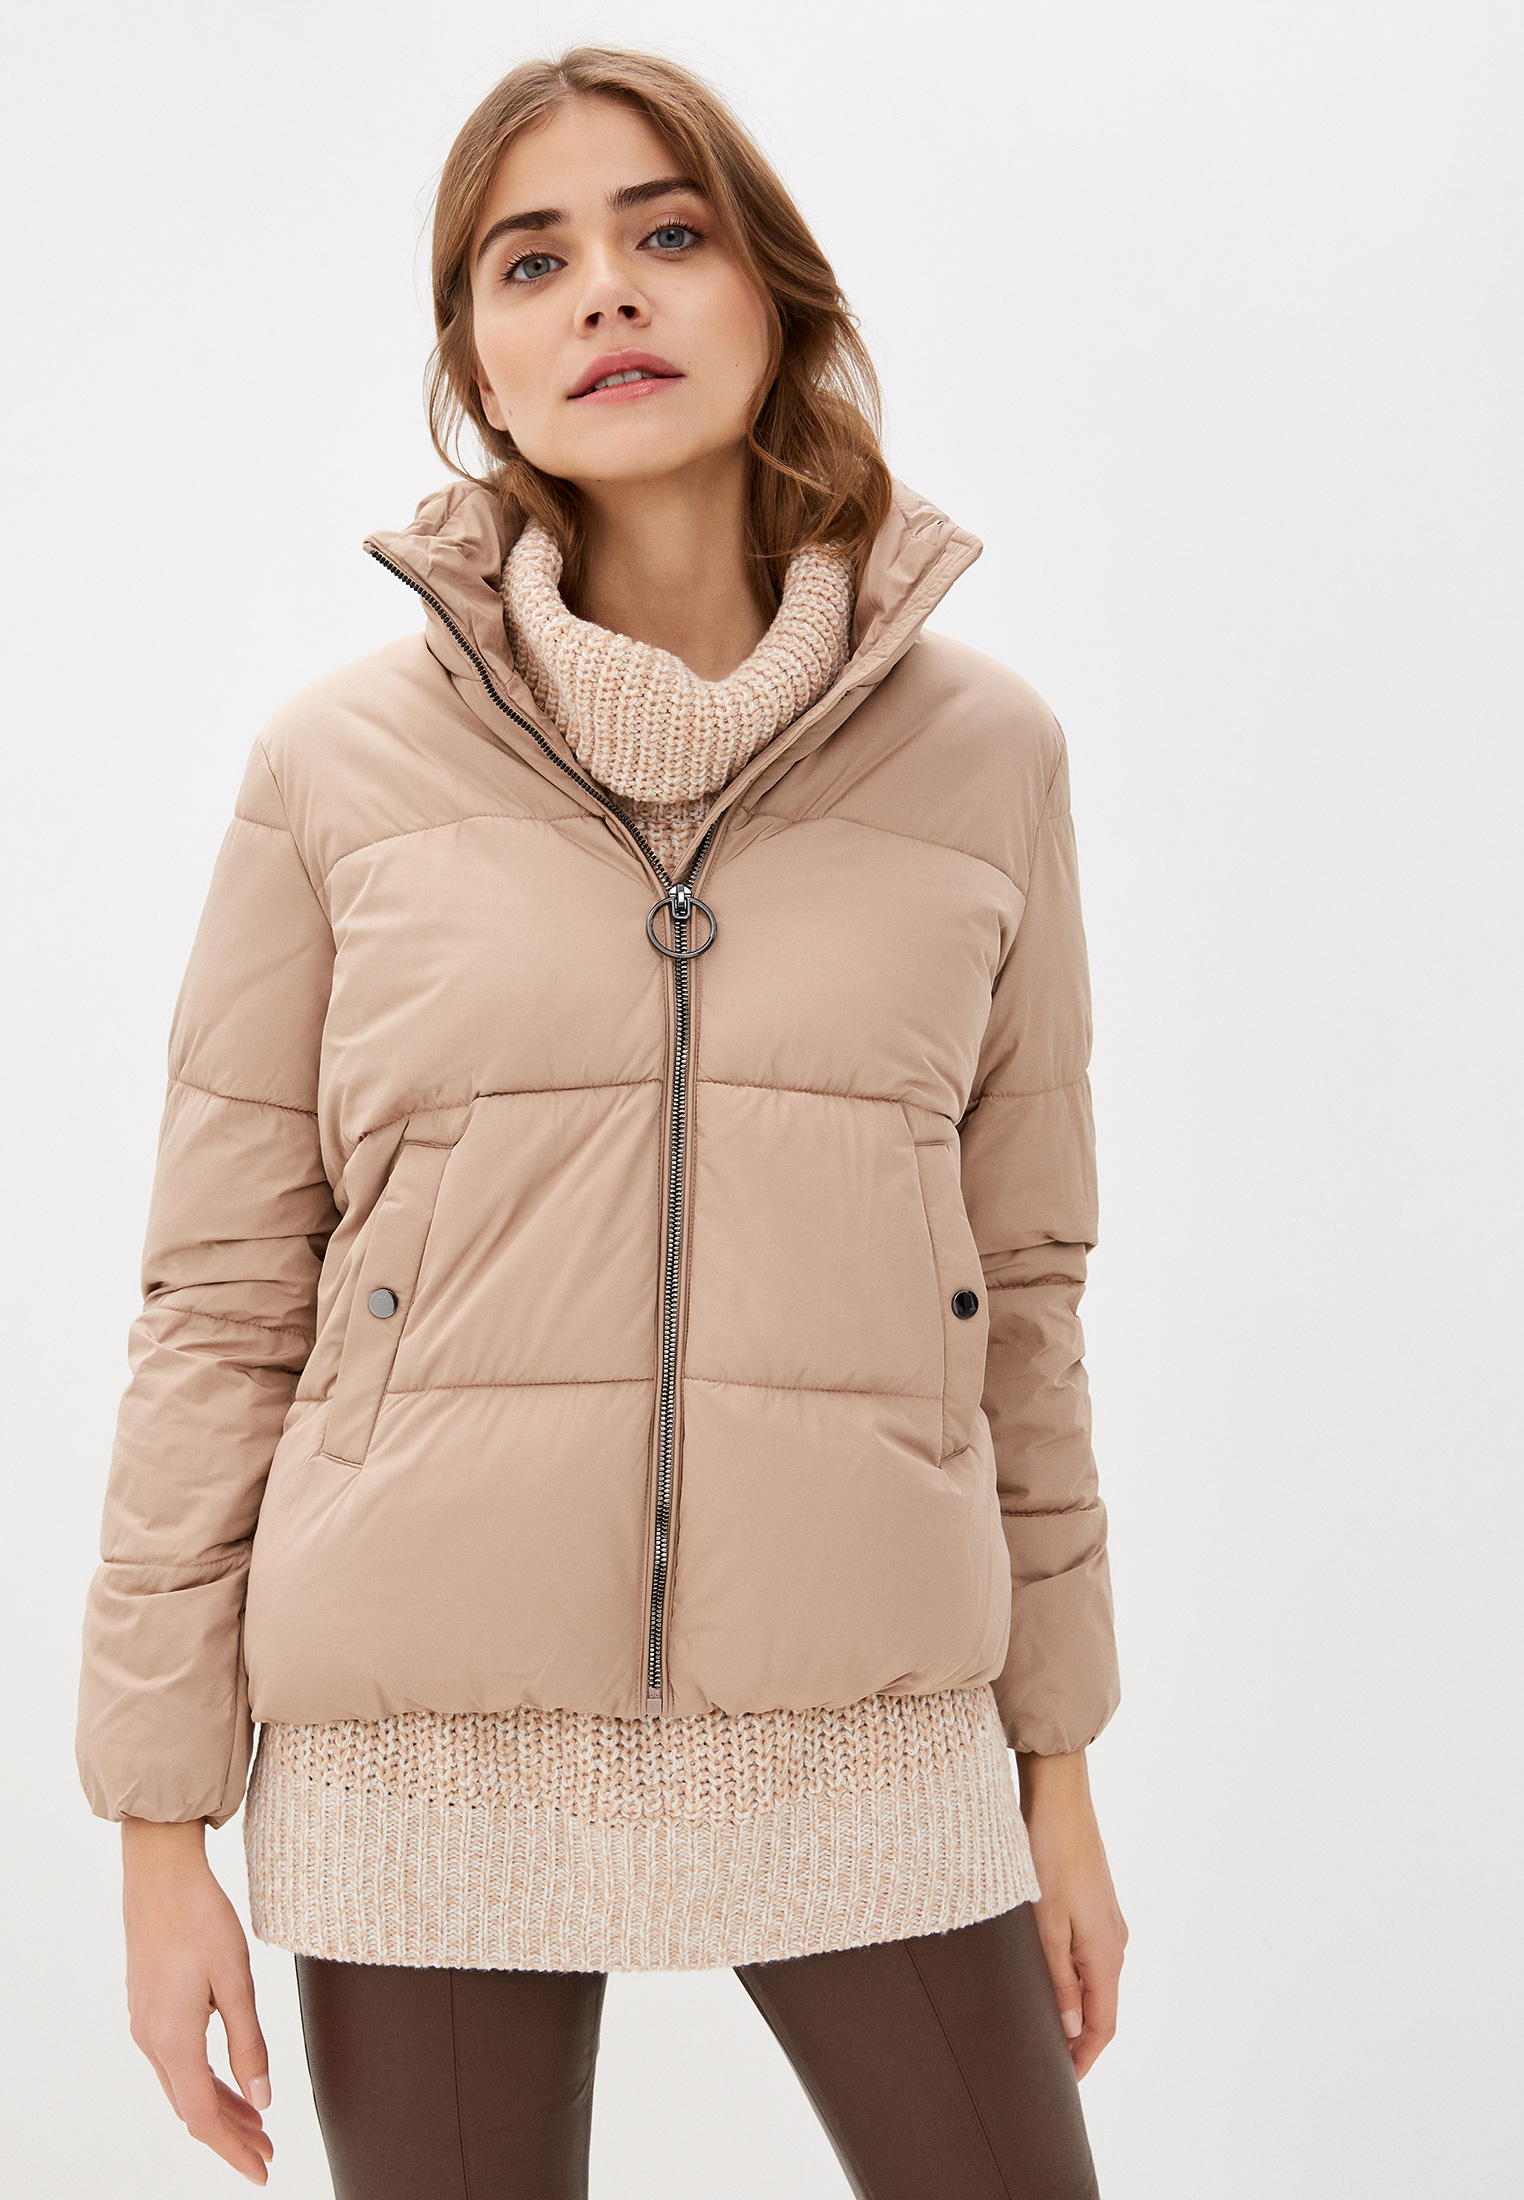 Куртка утепленная Zolla купить за 2 499 ₽ в интернет-магазине Lamoda.ru